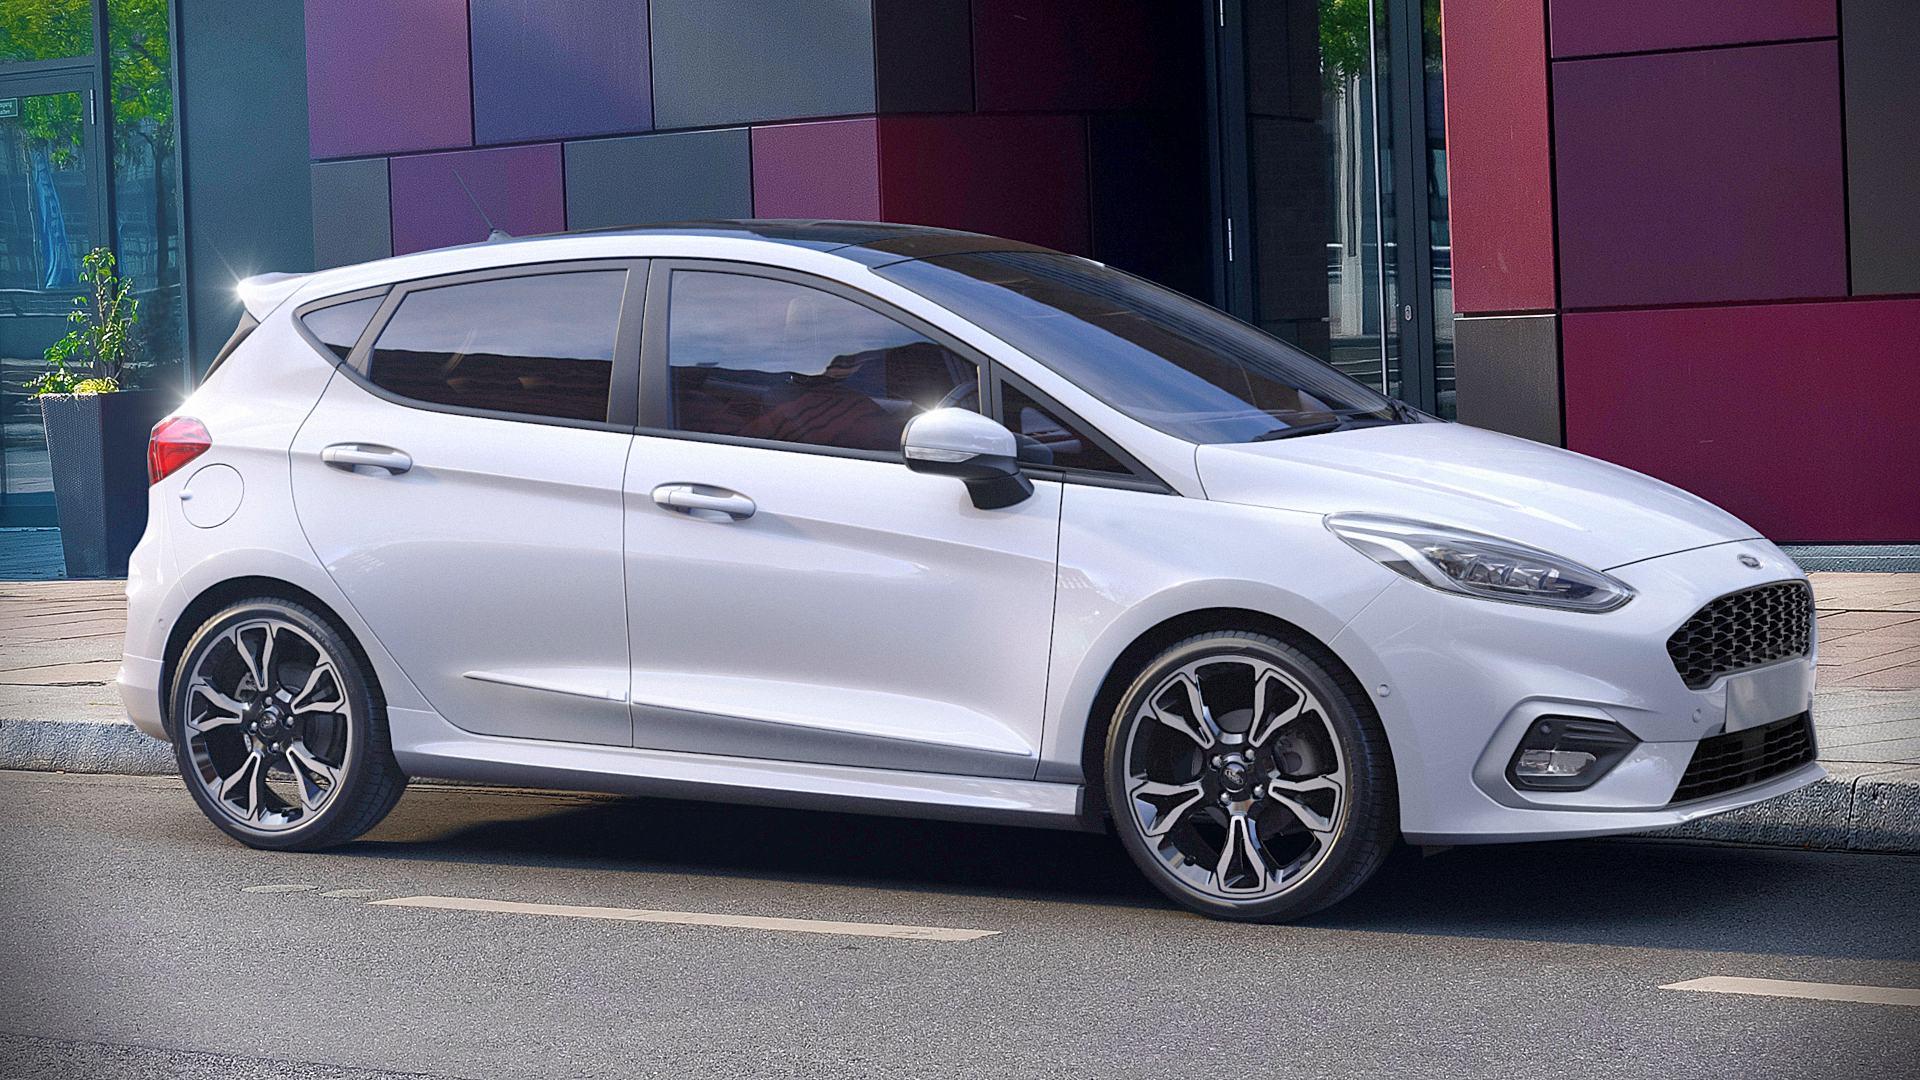 Neues Modell und Leistung 2021 Fiesta St